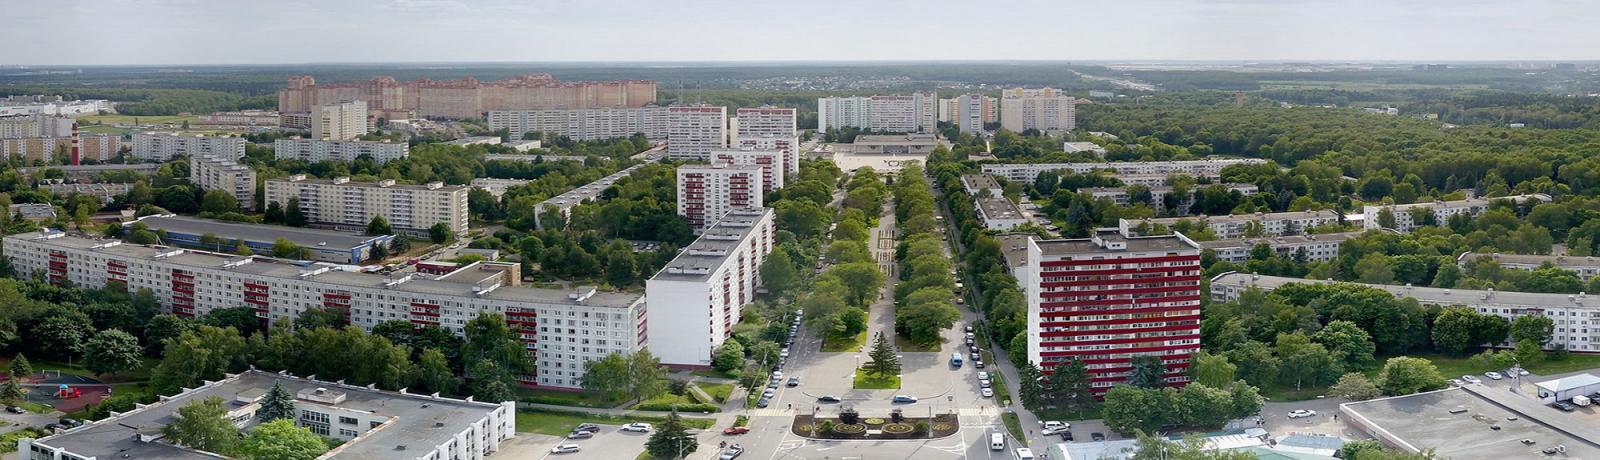 Первый микрорайон г.Московский